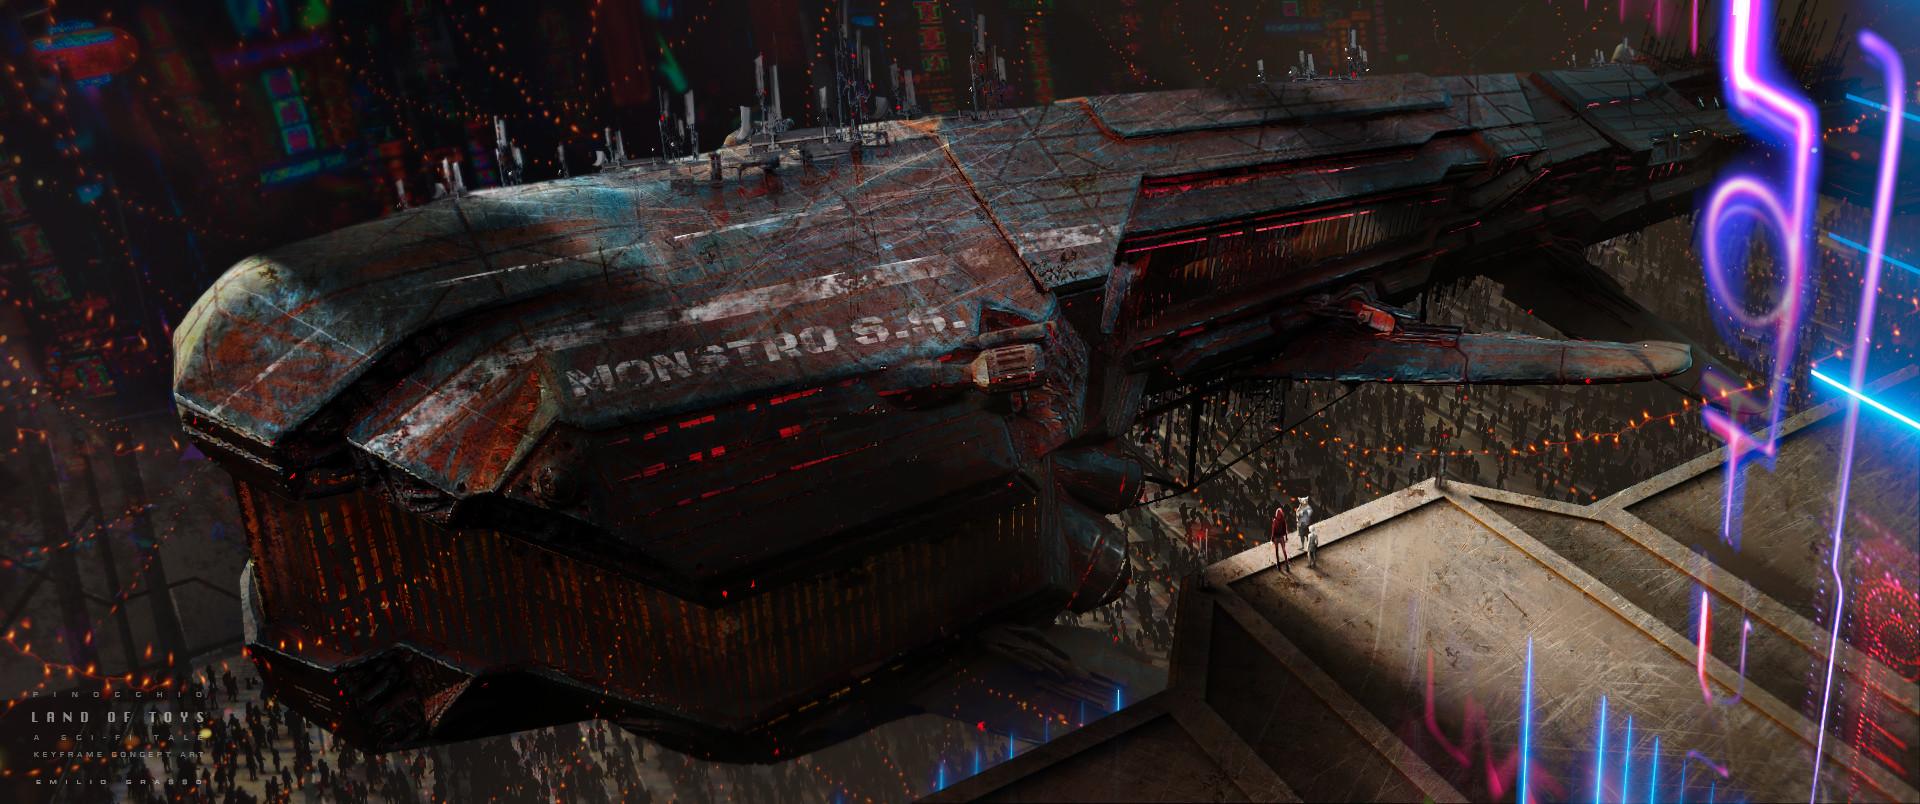 PIN: 0Q0 - A Sci-Fi Tale